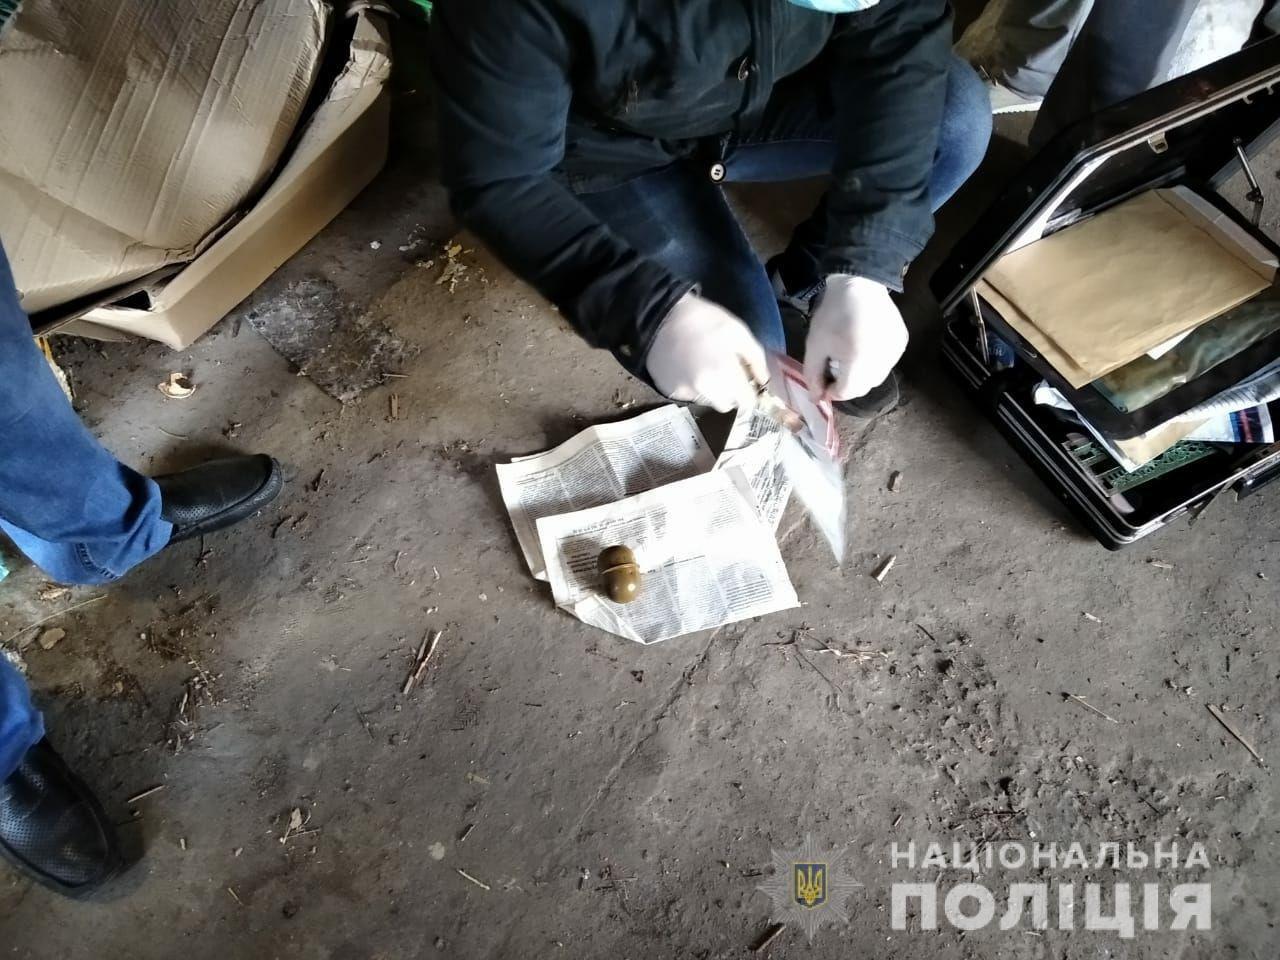 На Днепропетровщине задержали членов межрегиональной ОПГ, фото-2